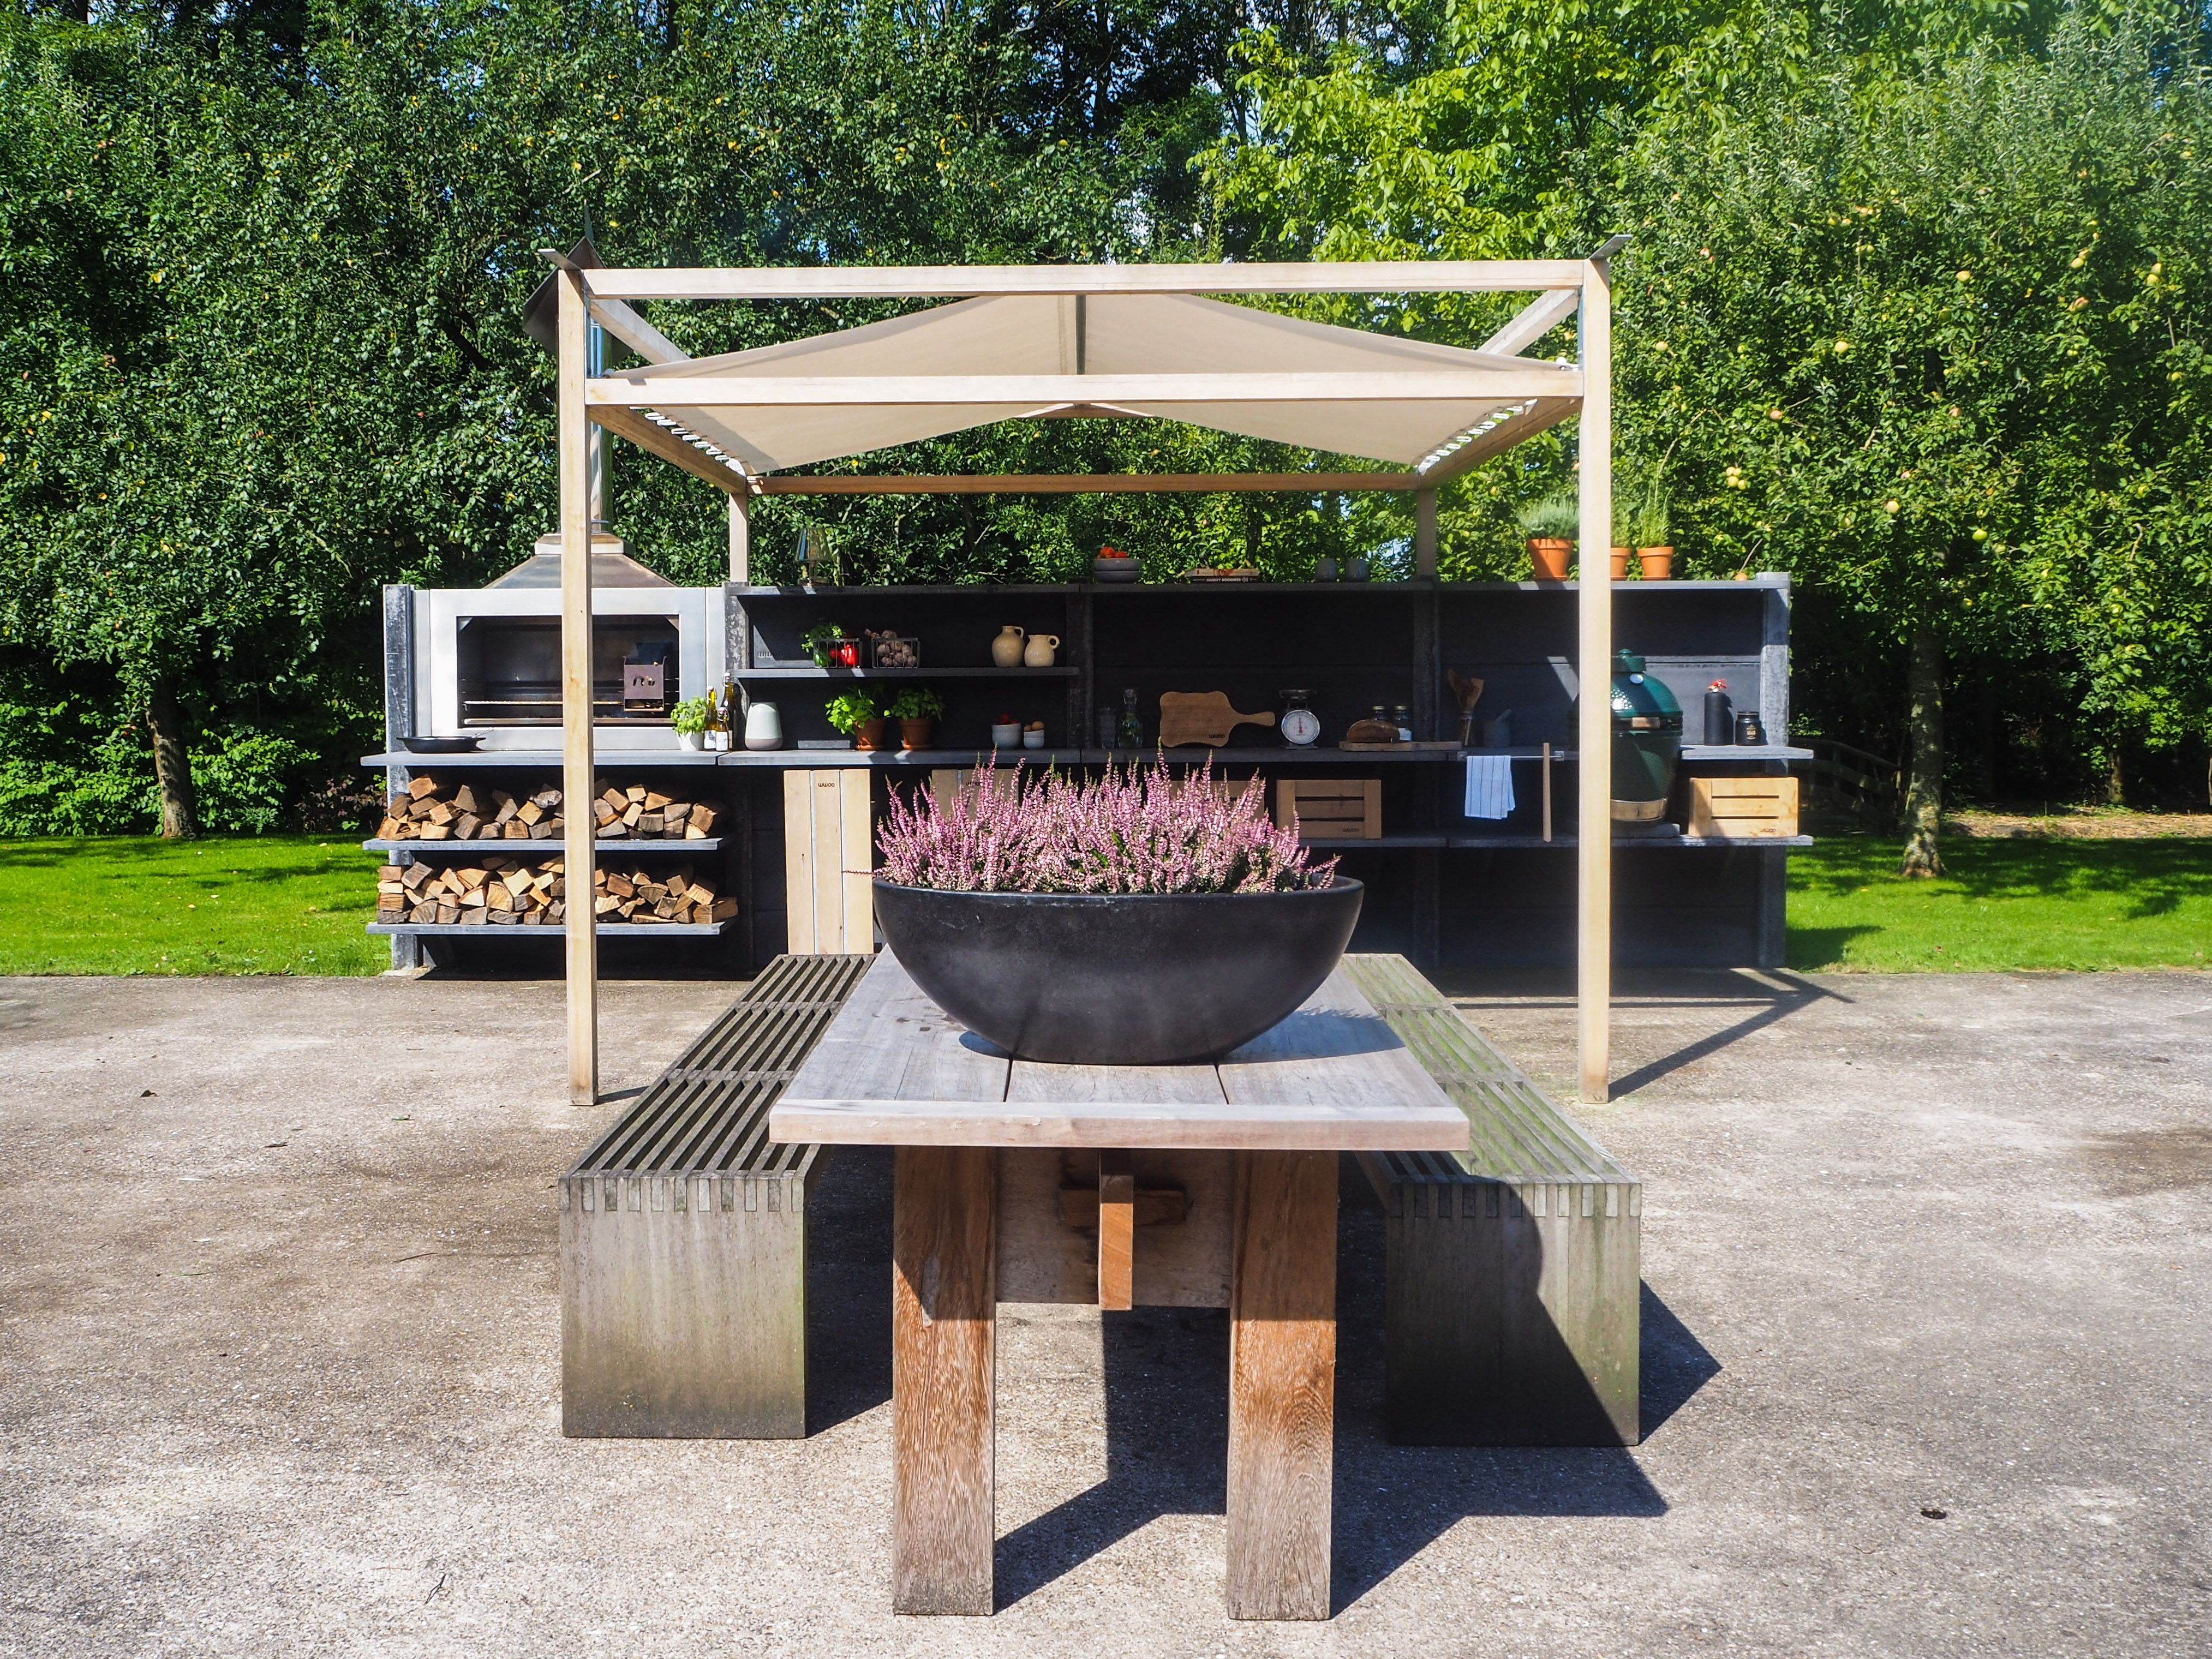 Outdoor Küche Buch : Outdoor küche buch handtuchhalter küche landhaus outdoor küche